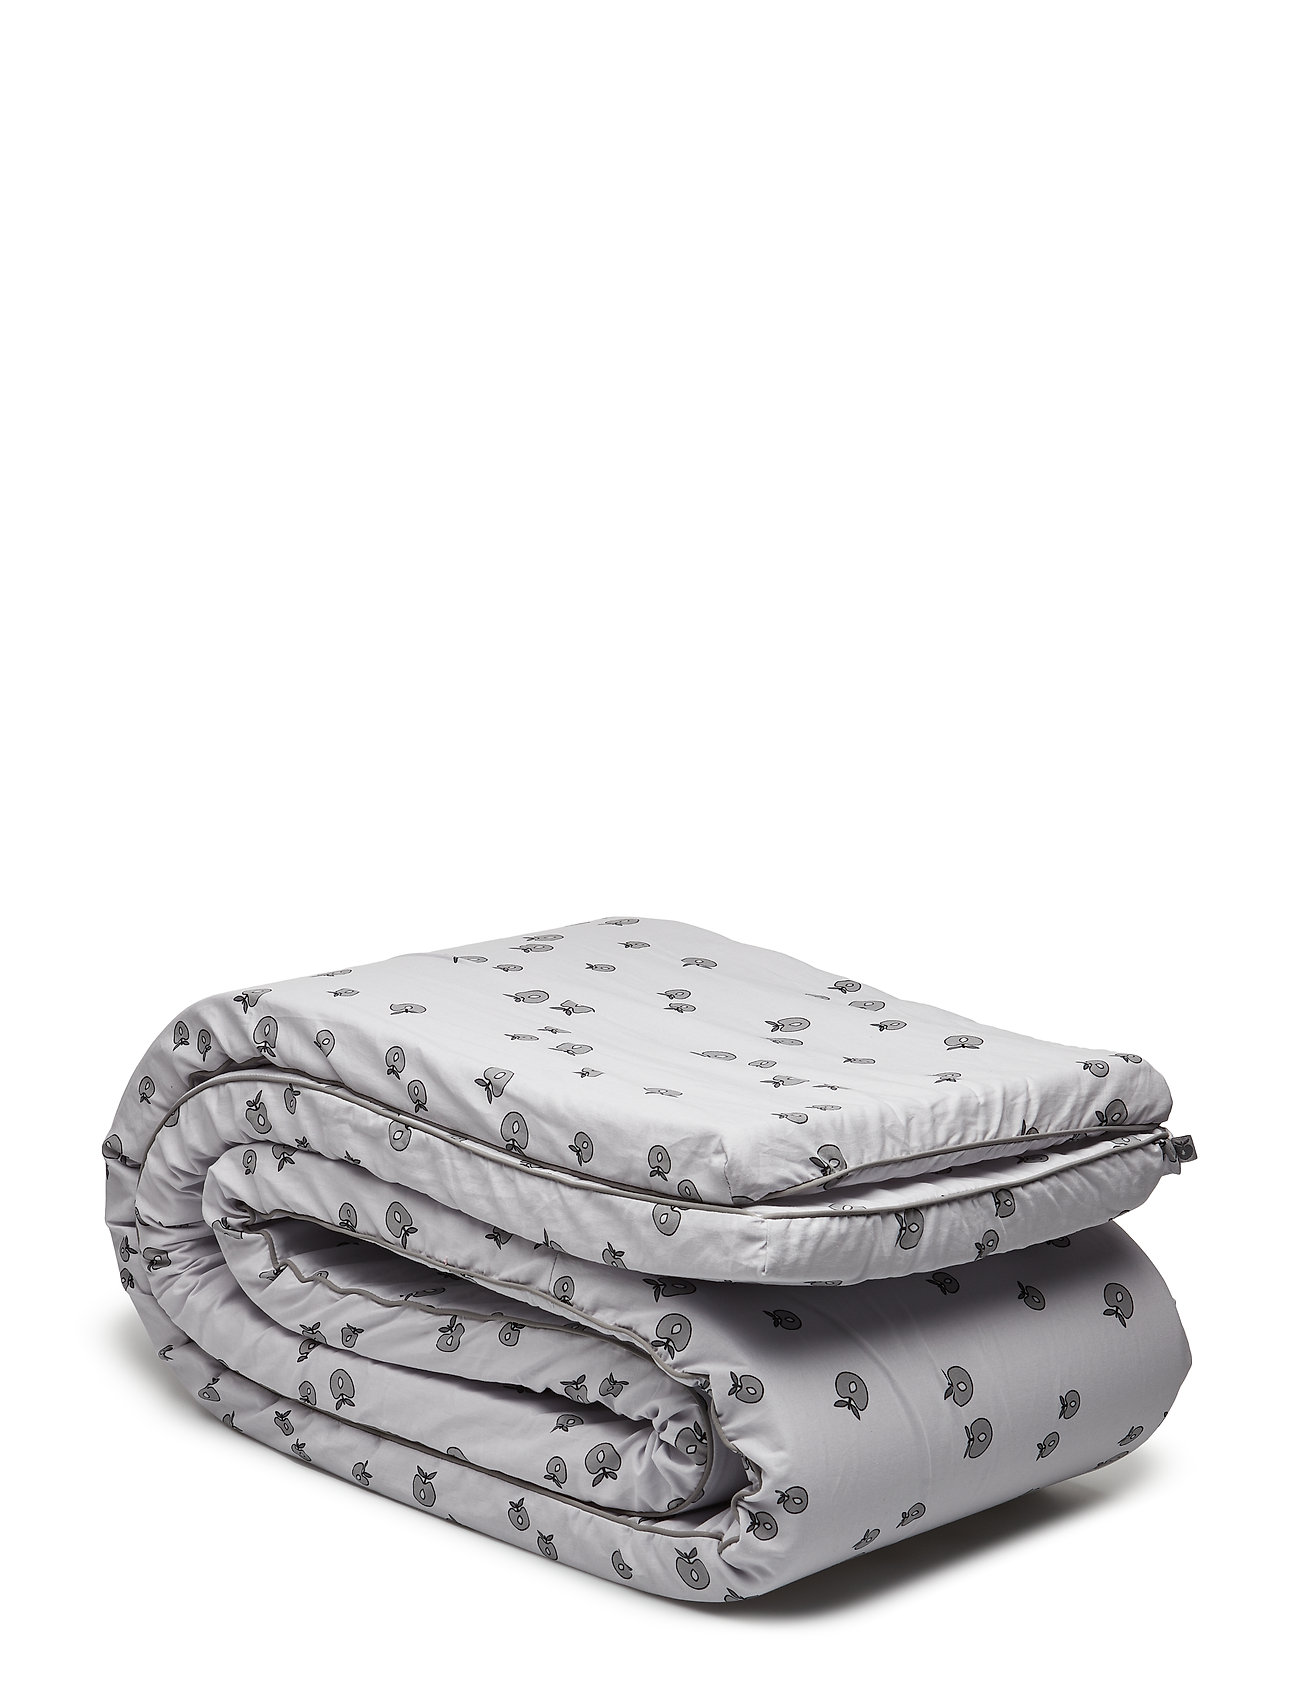 Småfolk Bed Bumper. Apple. Originals. - LT. GREY MIX